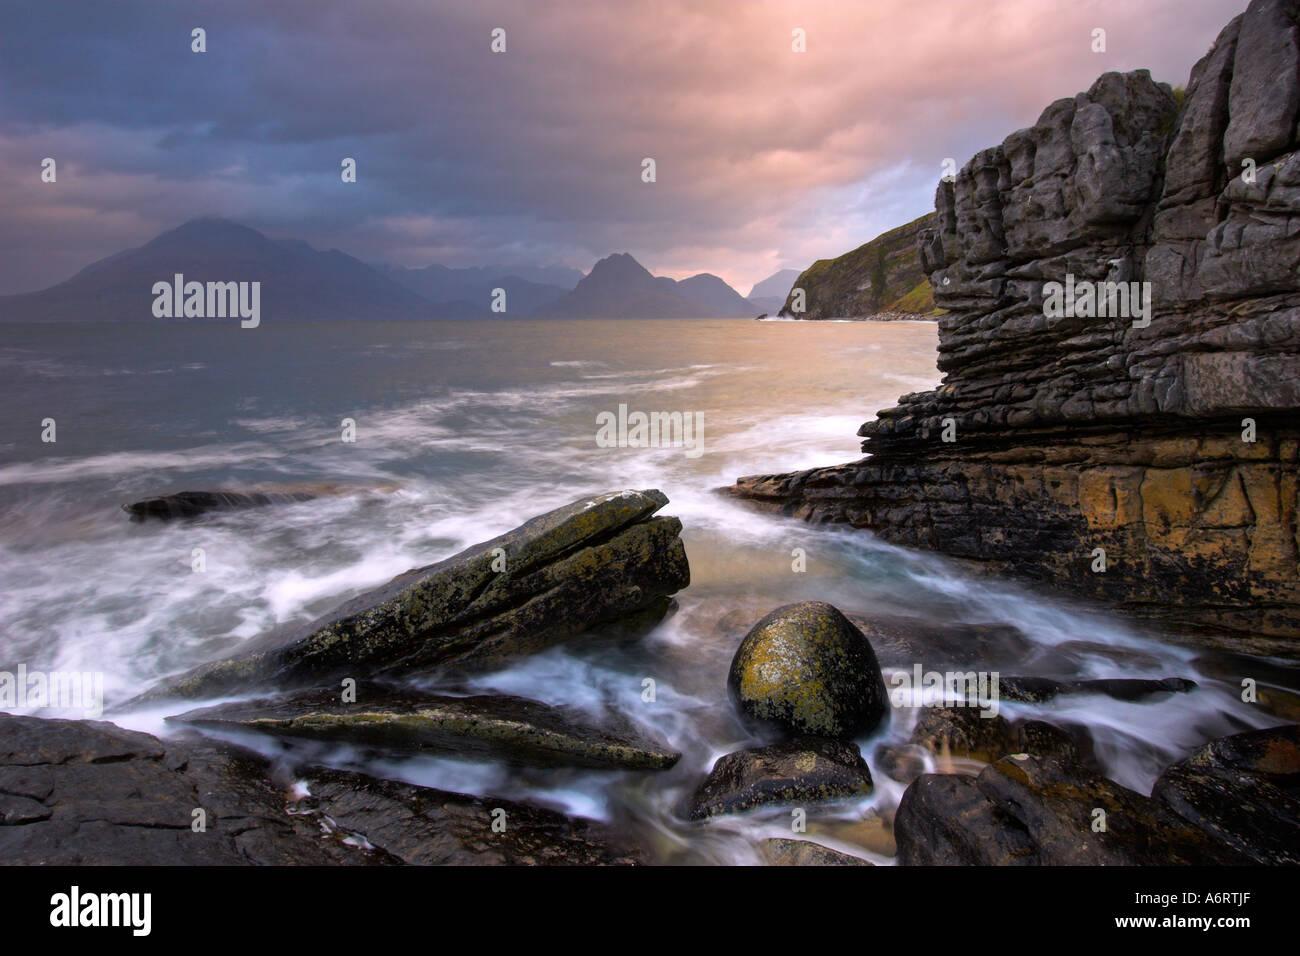 Die Felsen verstreut Küste von Elgol, Isle Of Skye an einem dramatischen Morgen.  High Tide Wogen um die Felsbrocken. Stockbild